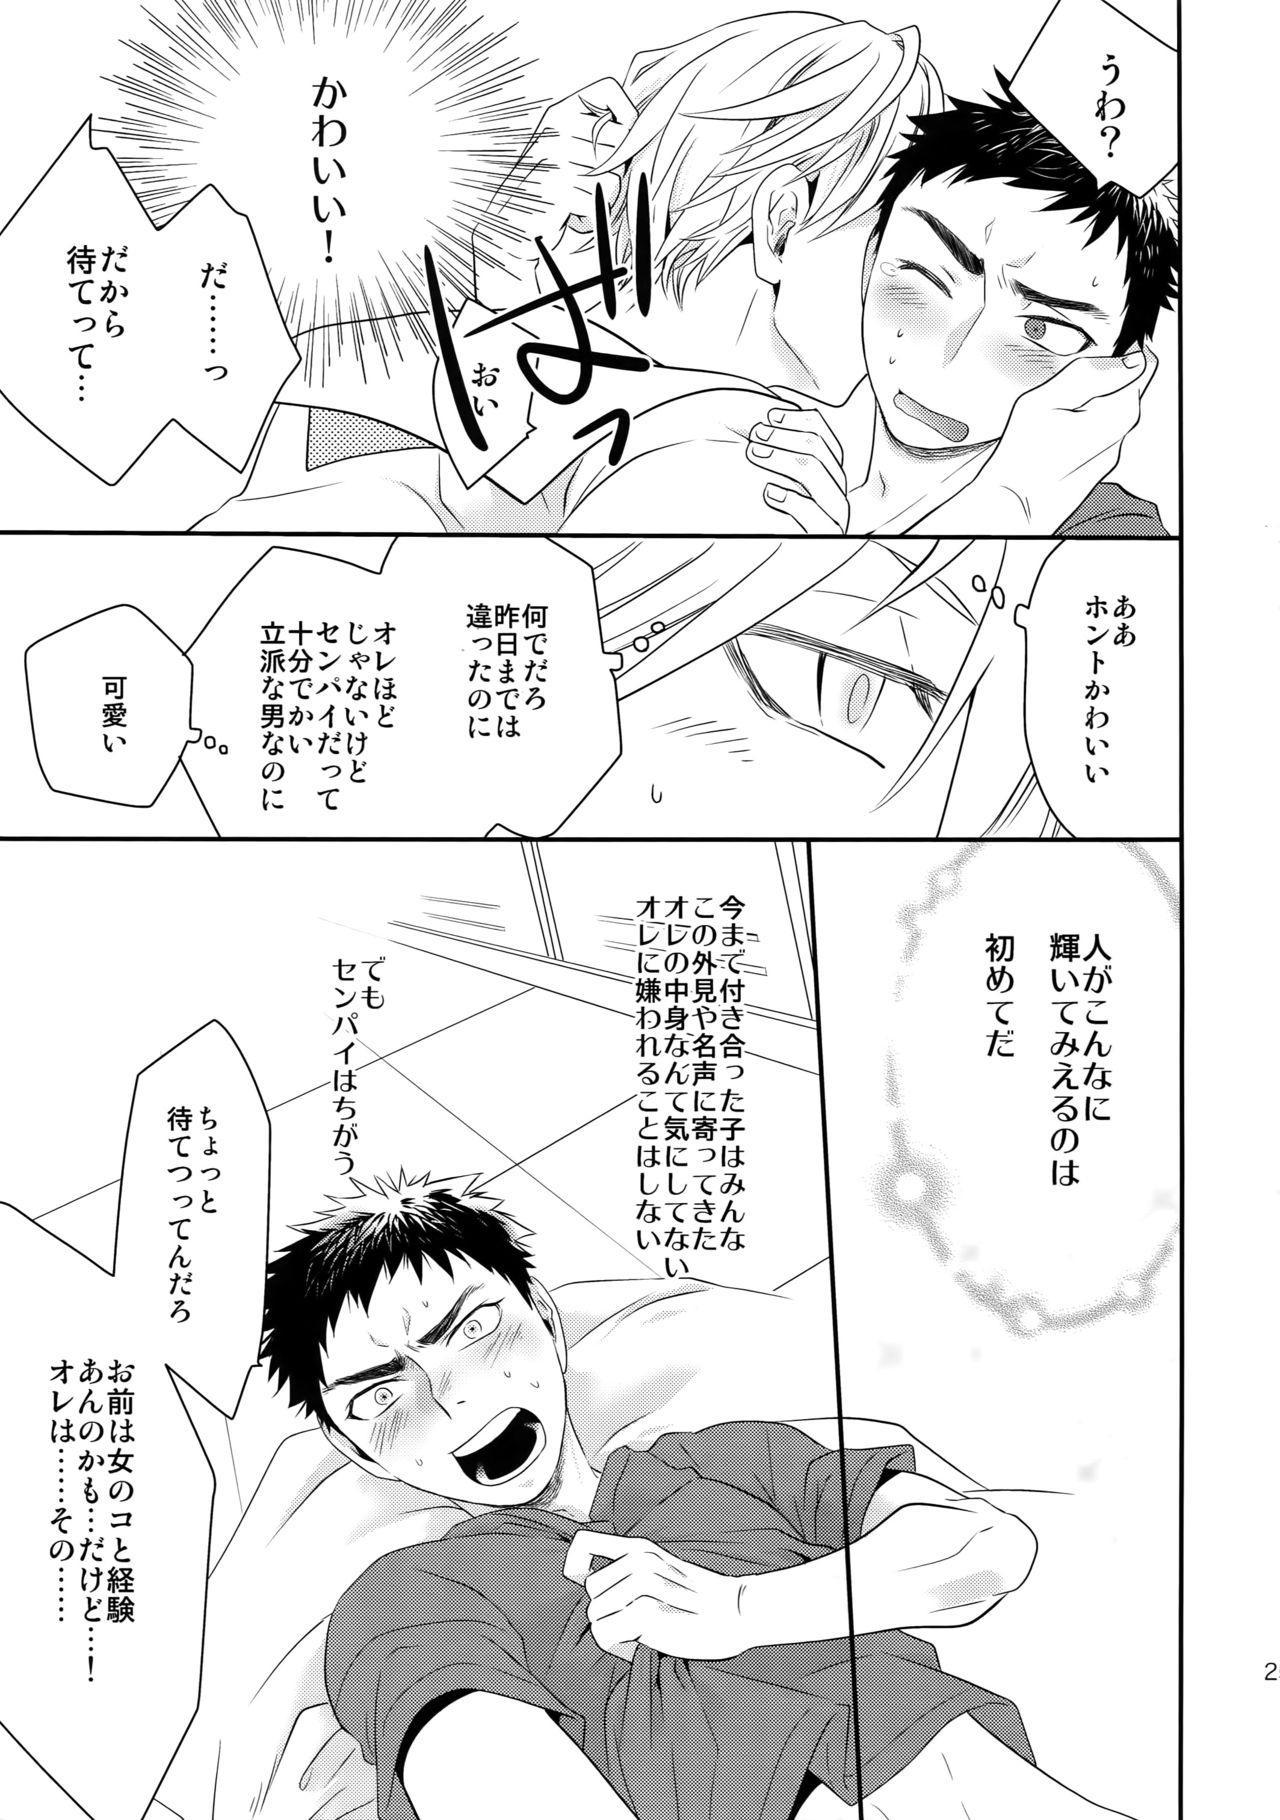 Kanpeki Kareshi to Zettai Ryouiki Ouji-sama 23